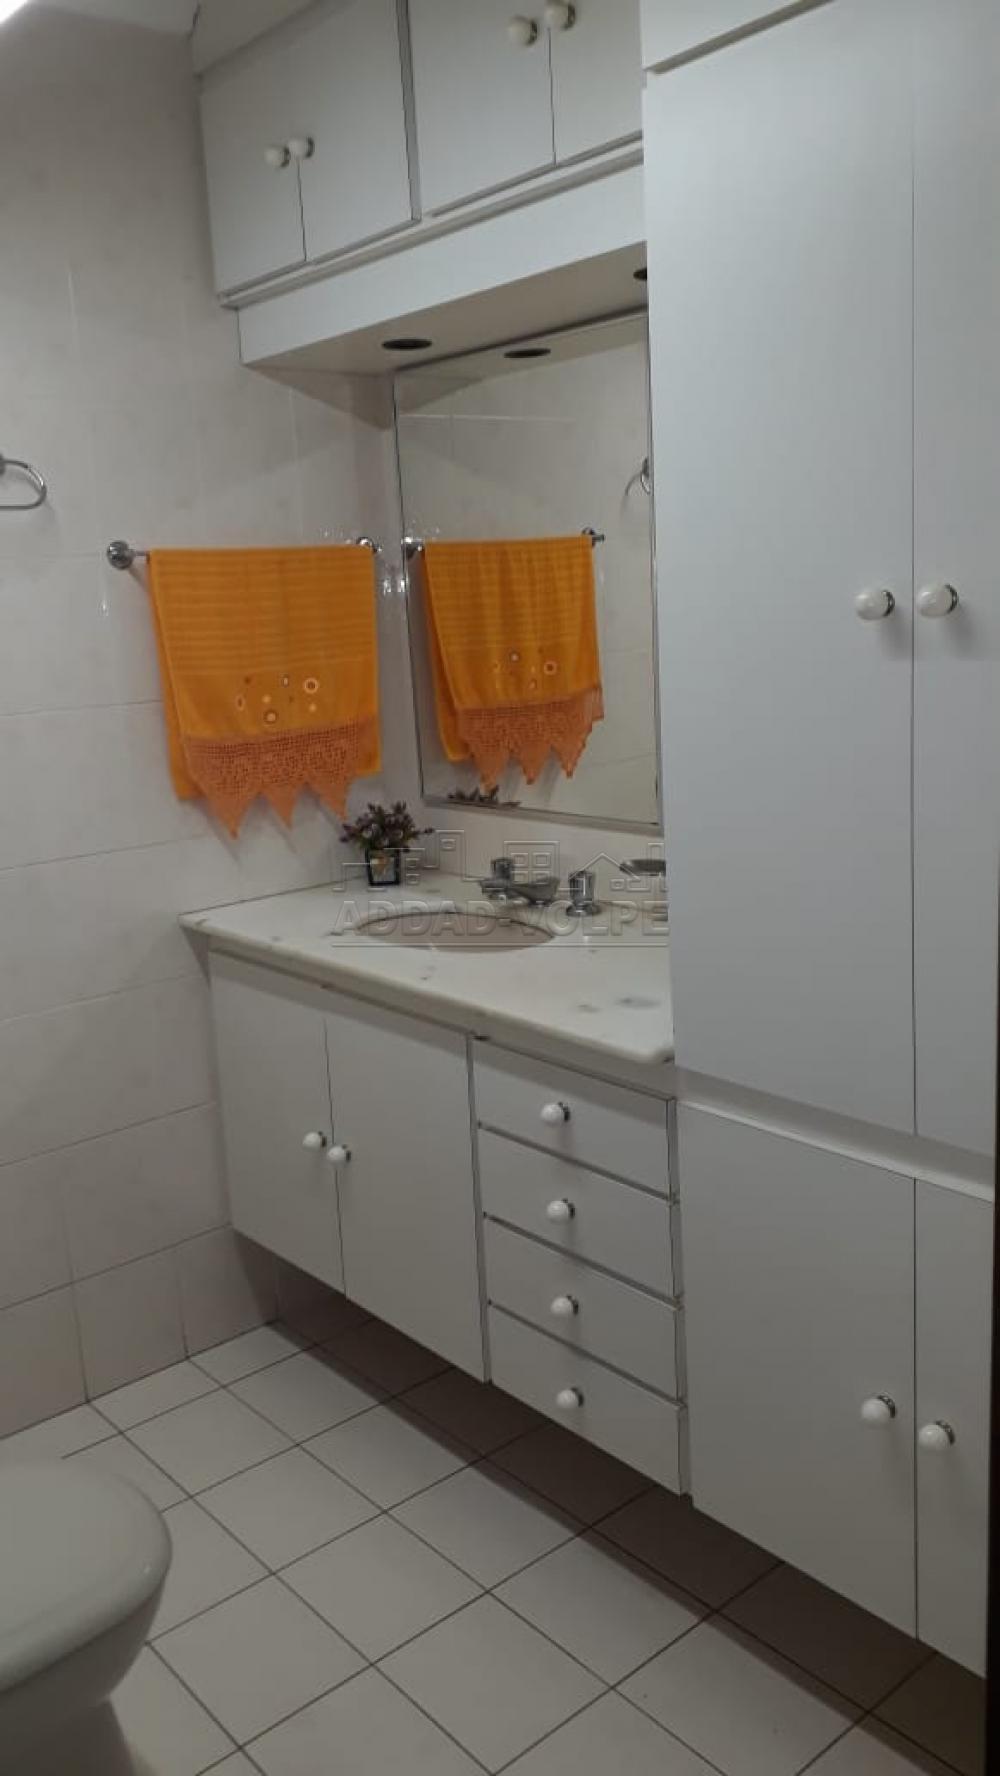 Comprar Apartamento / Padrão em Bauru apenas R$ 550.000,00 - Foto 10